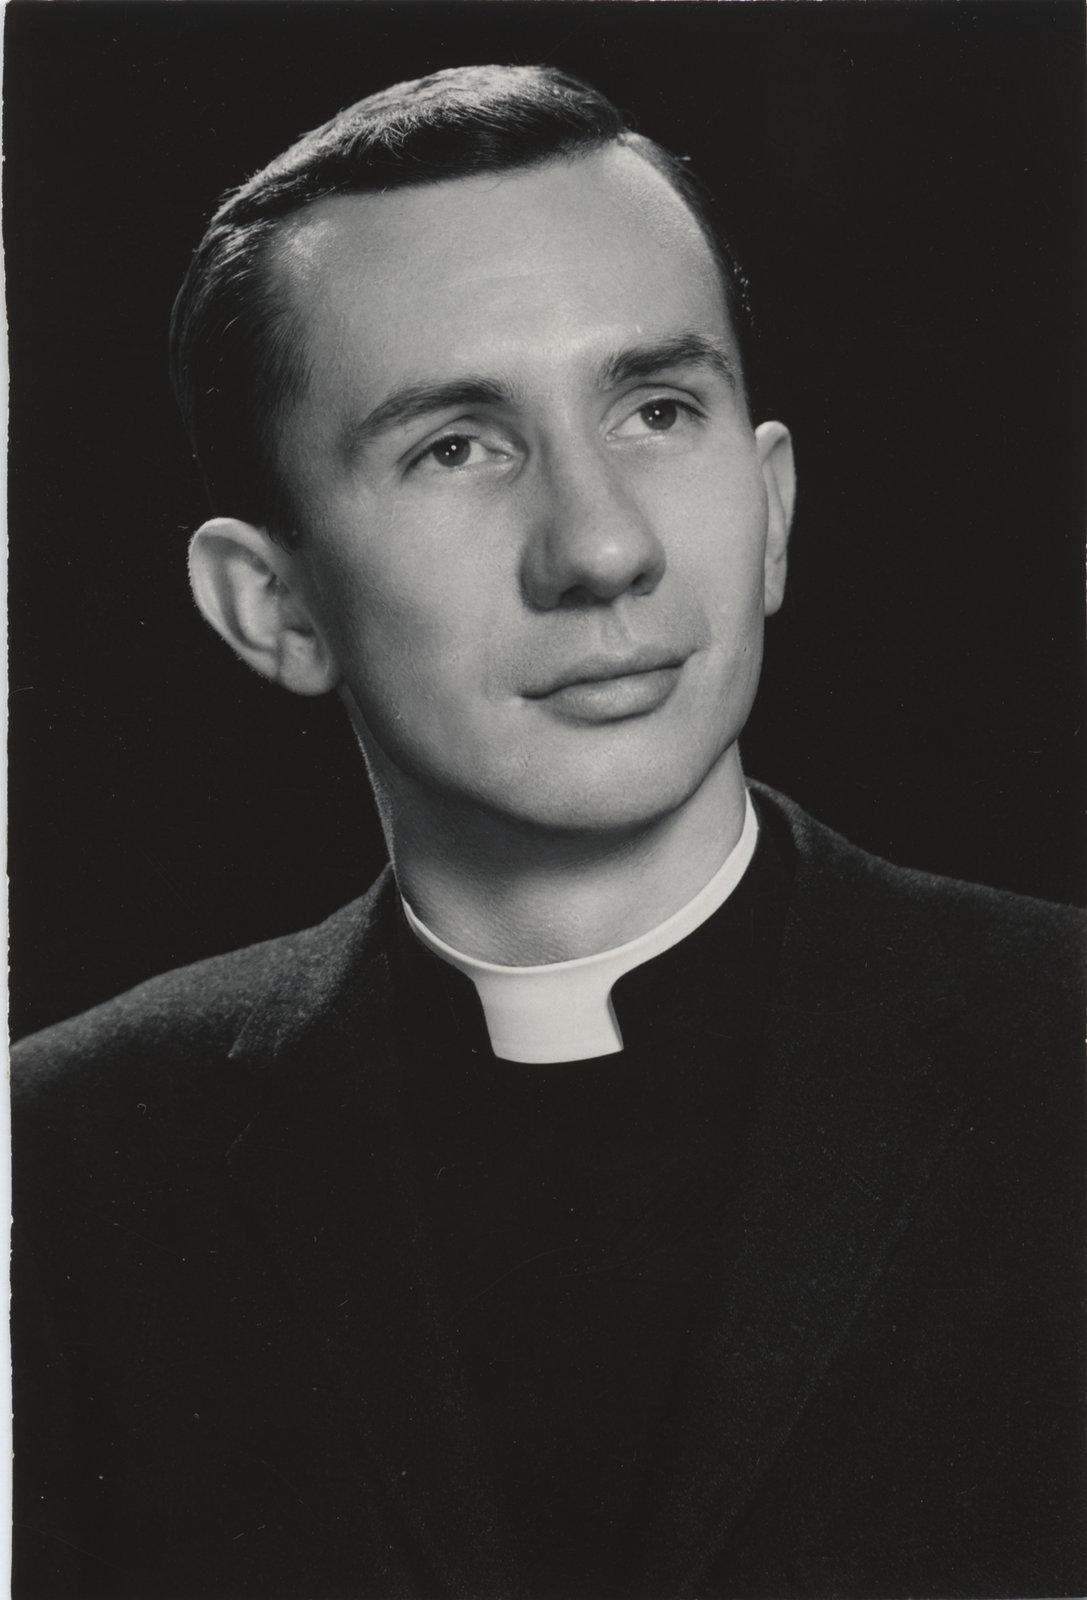 Delmer Beier